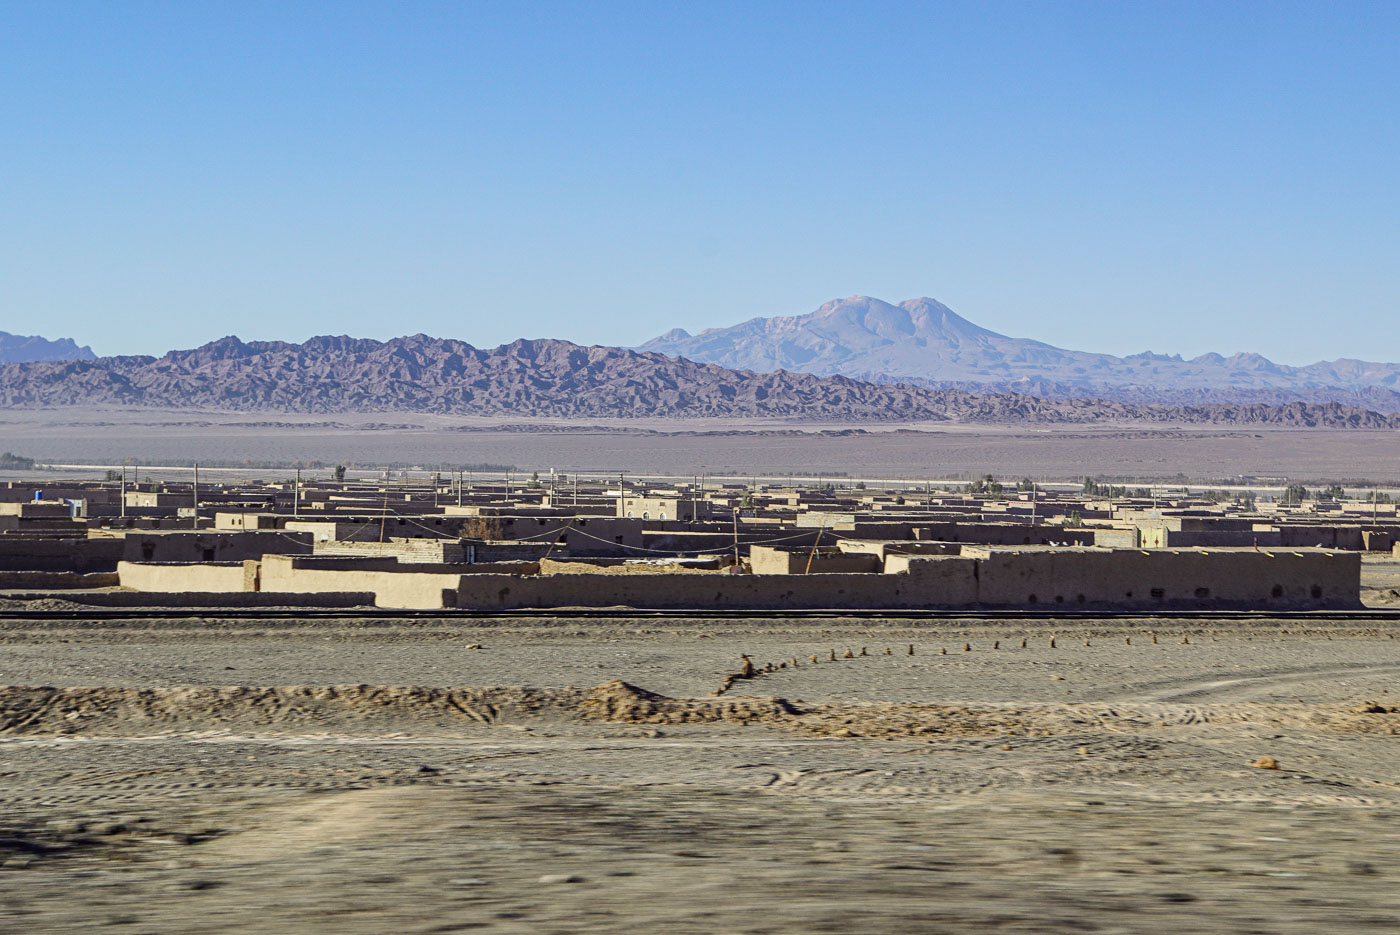 Im Vordergrund ist die vorbeiziehende Sand Landschaft zu sehen, dahinter schließt sich ein aus Lehmsteinen gebautes Dorf an. Im Hintergrund erheben sich schroffe Berge in unterschiedlichen Höhen.